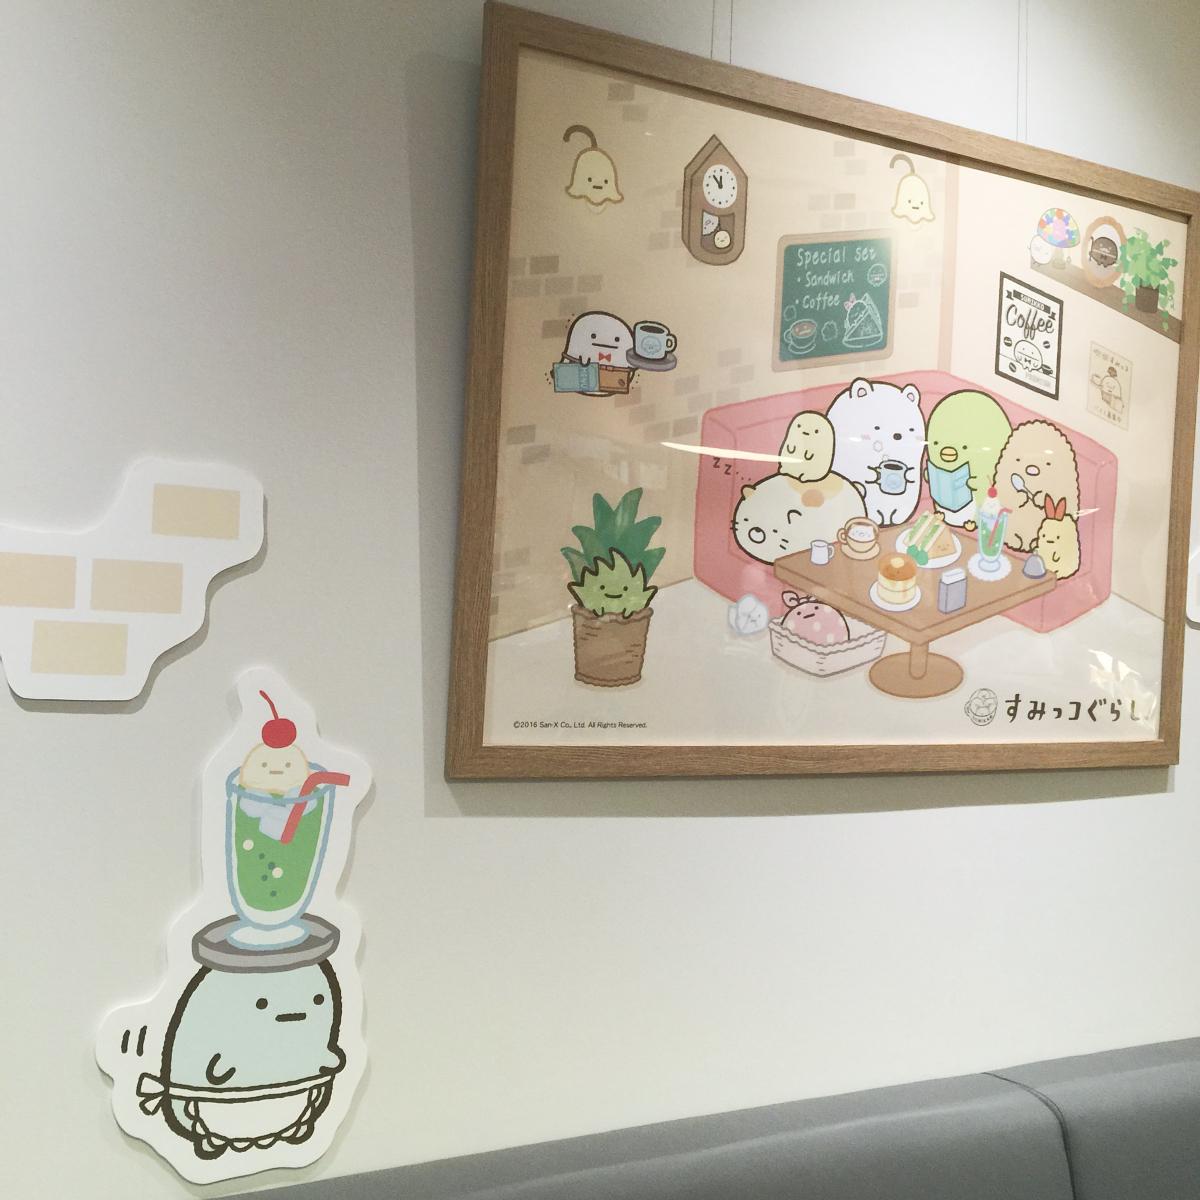 sumikko-gurashi-cafe-kit-box-kotobukiya-cafe-28